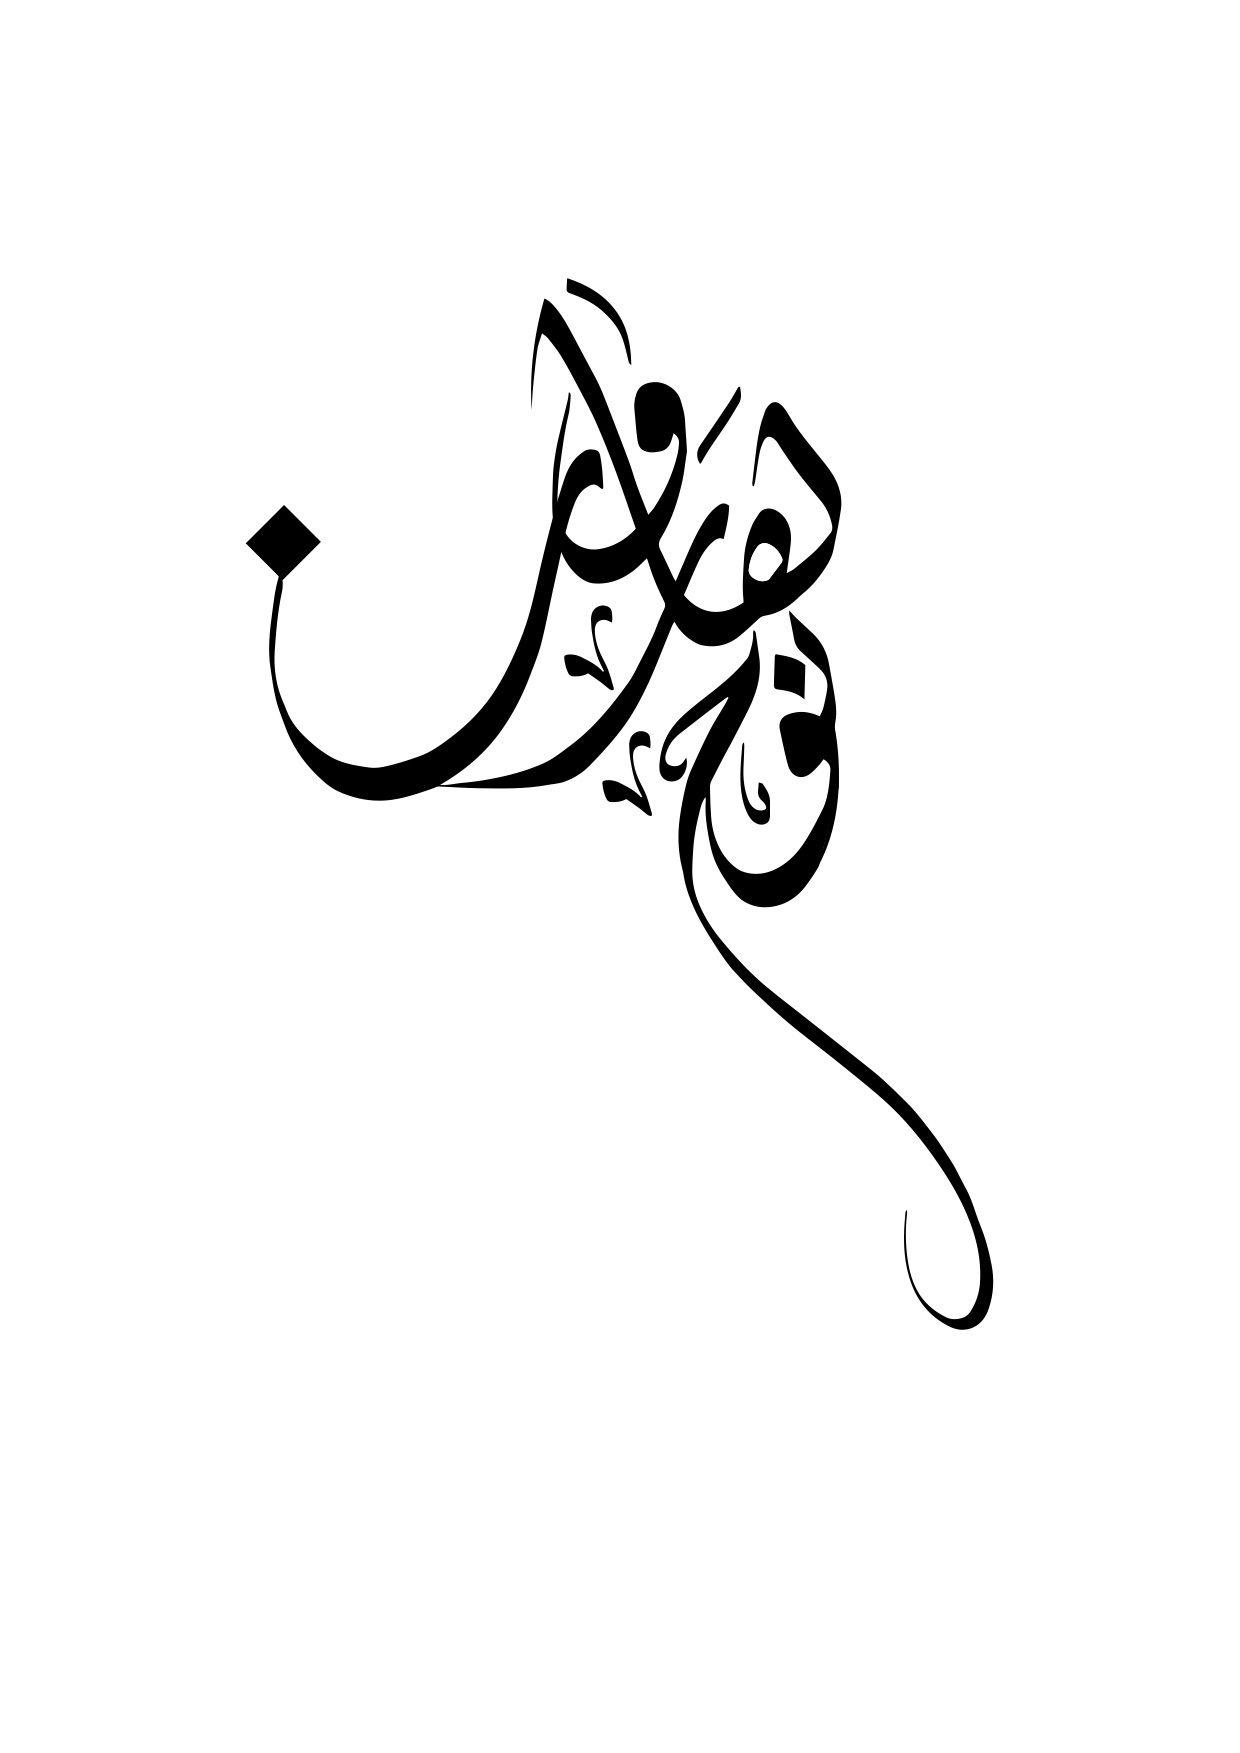 arabische tattos tattoo arabische tattoos pinterest arabisch. Black Bedroom Furniture Sets. Home Design Ideas